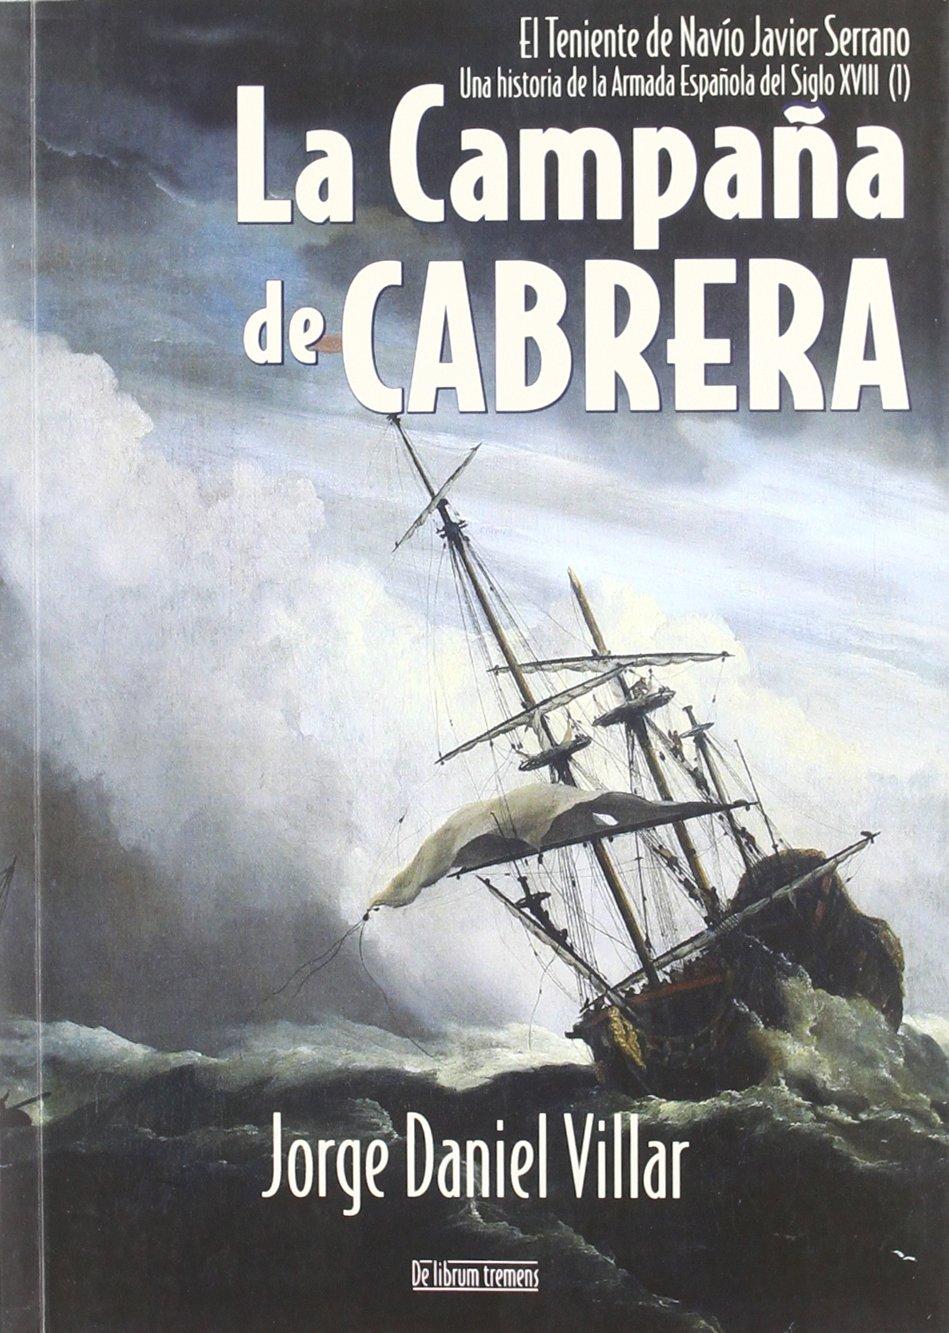 La campaña de Cabrera: Una historia de la Armada Española I